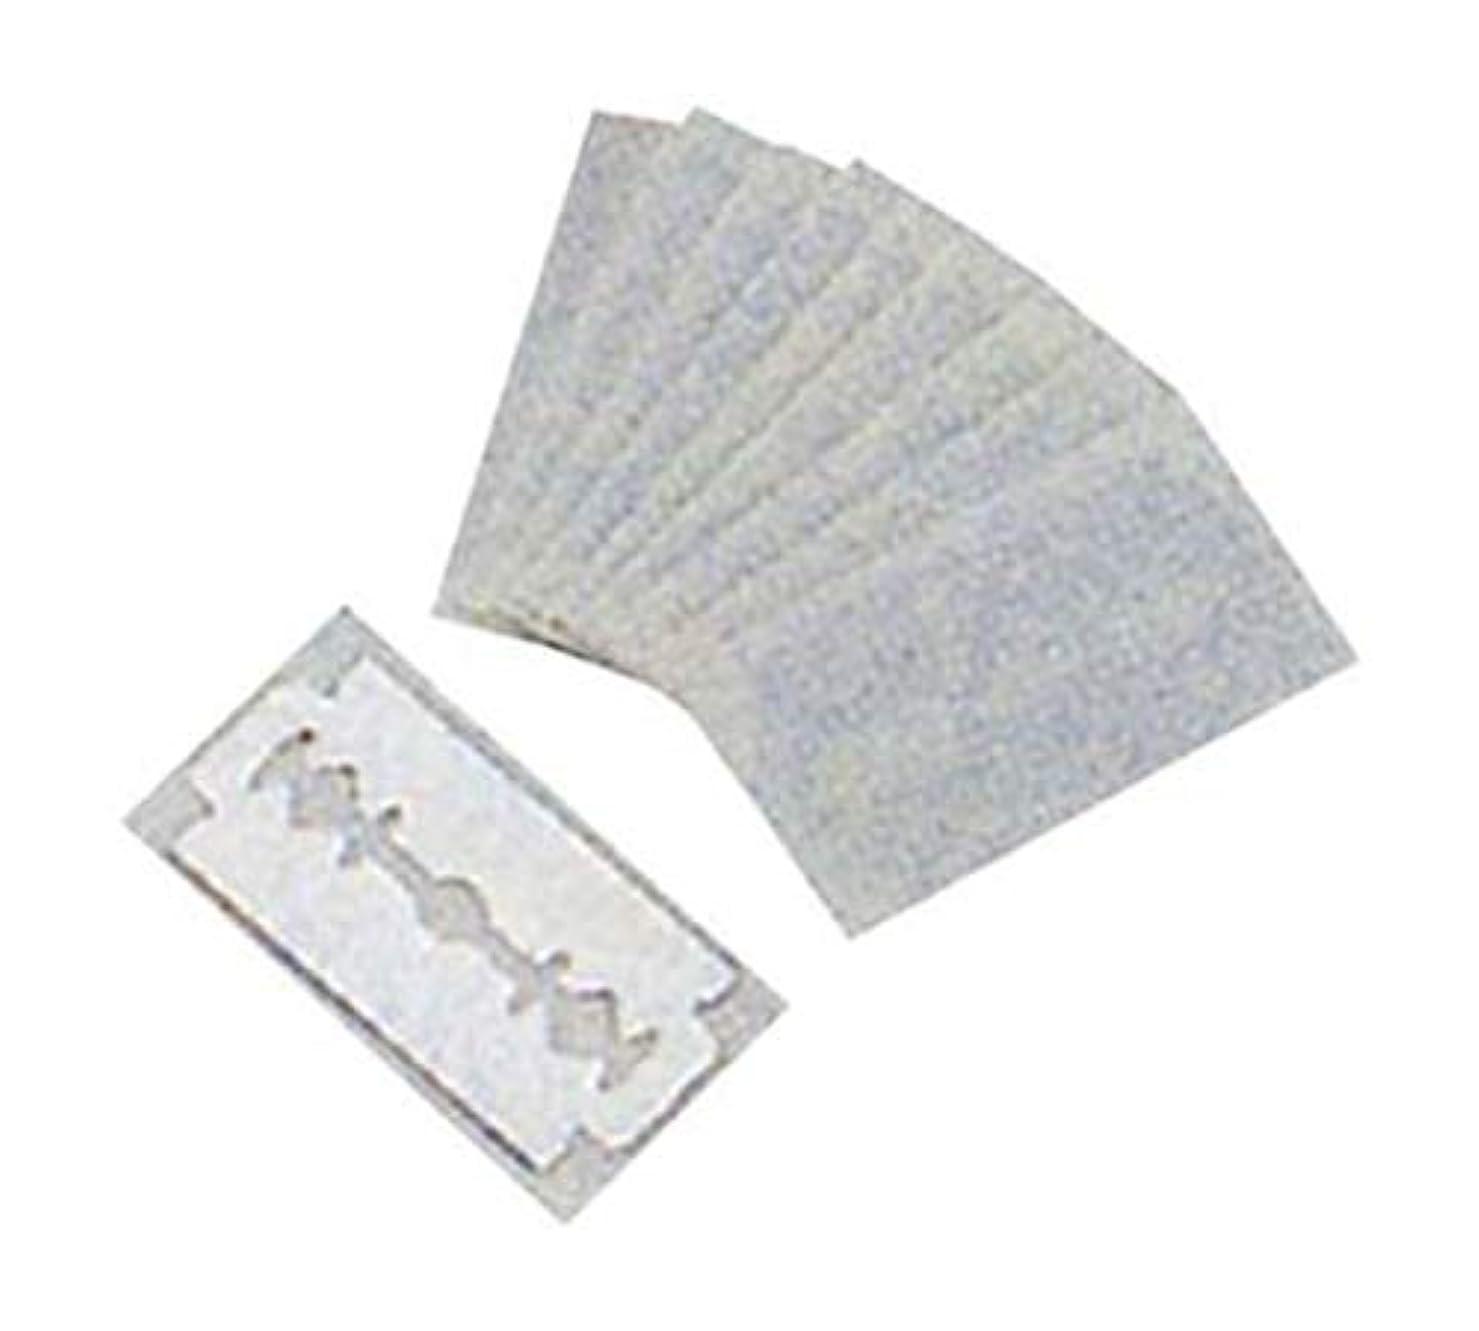 眉反発する快いアズワン カミソリ刃(両刃)10枚入 B43-1SW/61-6682-06